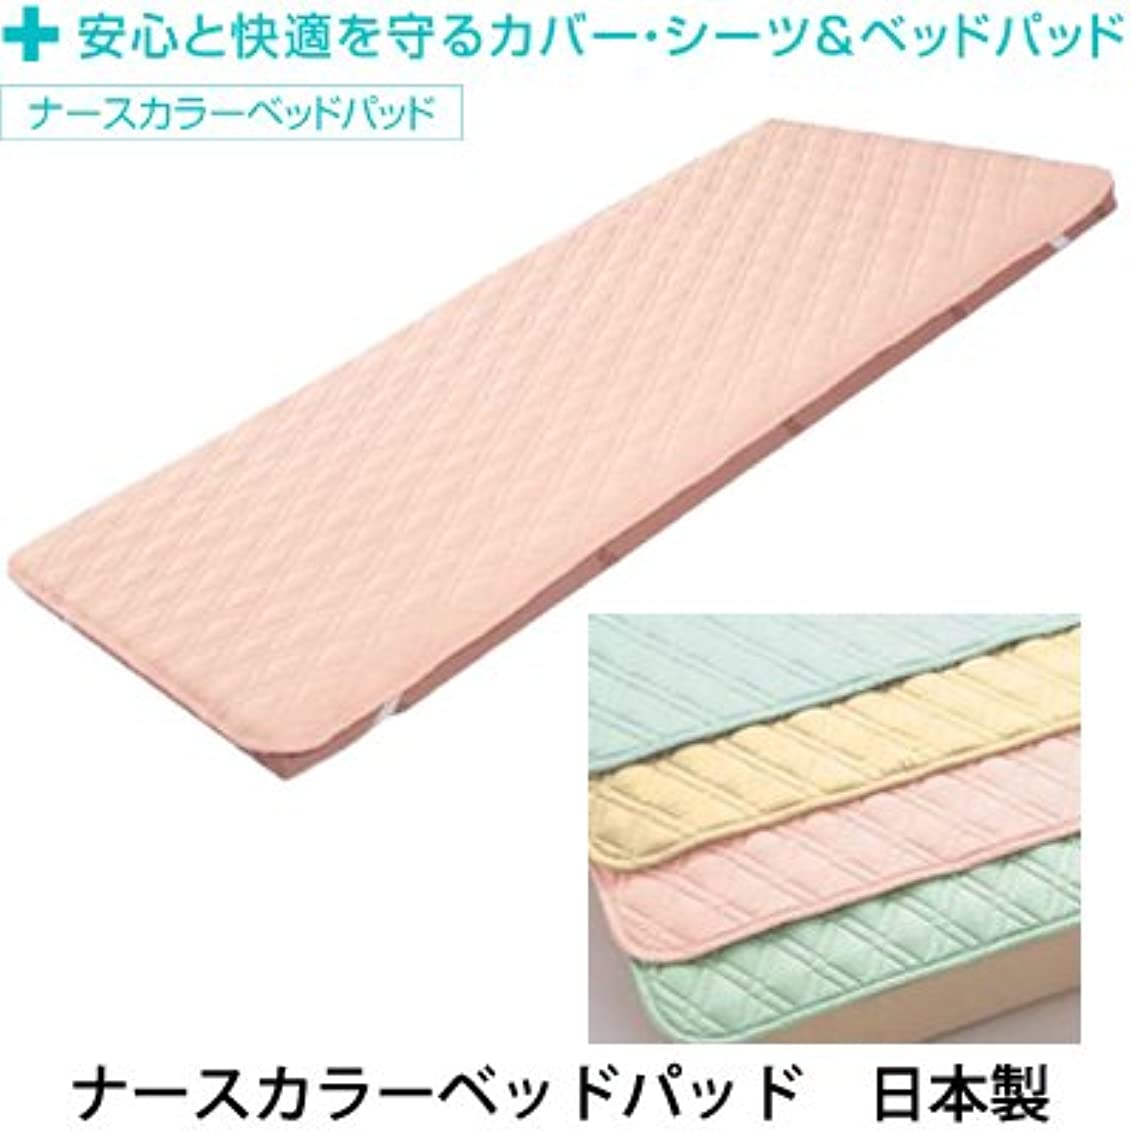 メッシュ保証金ライオネルグリーンストリート西川リビング 日本製 ナースカラー ベッドパッド 103×194cm クリ―ム クリーム